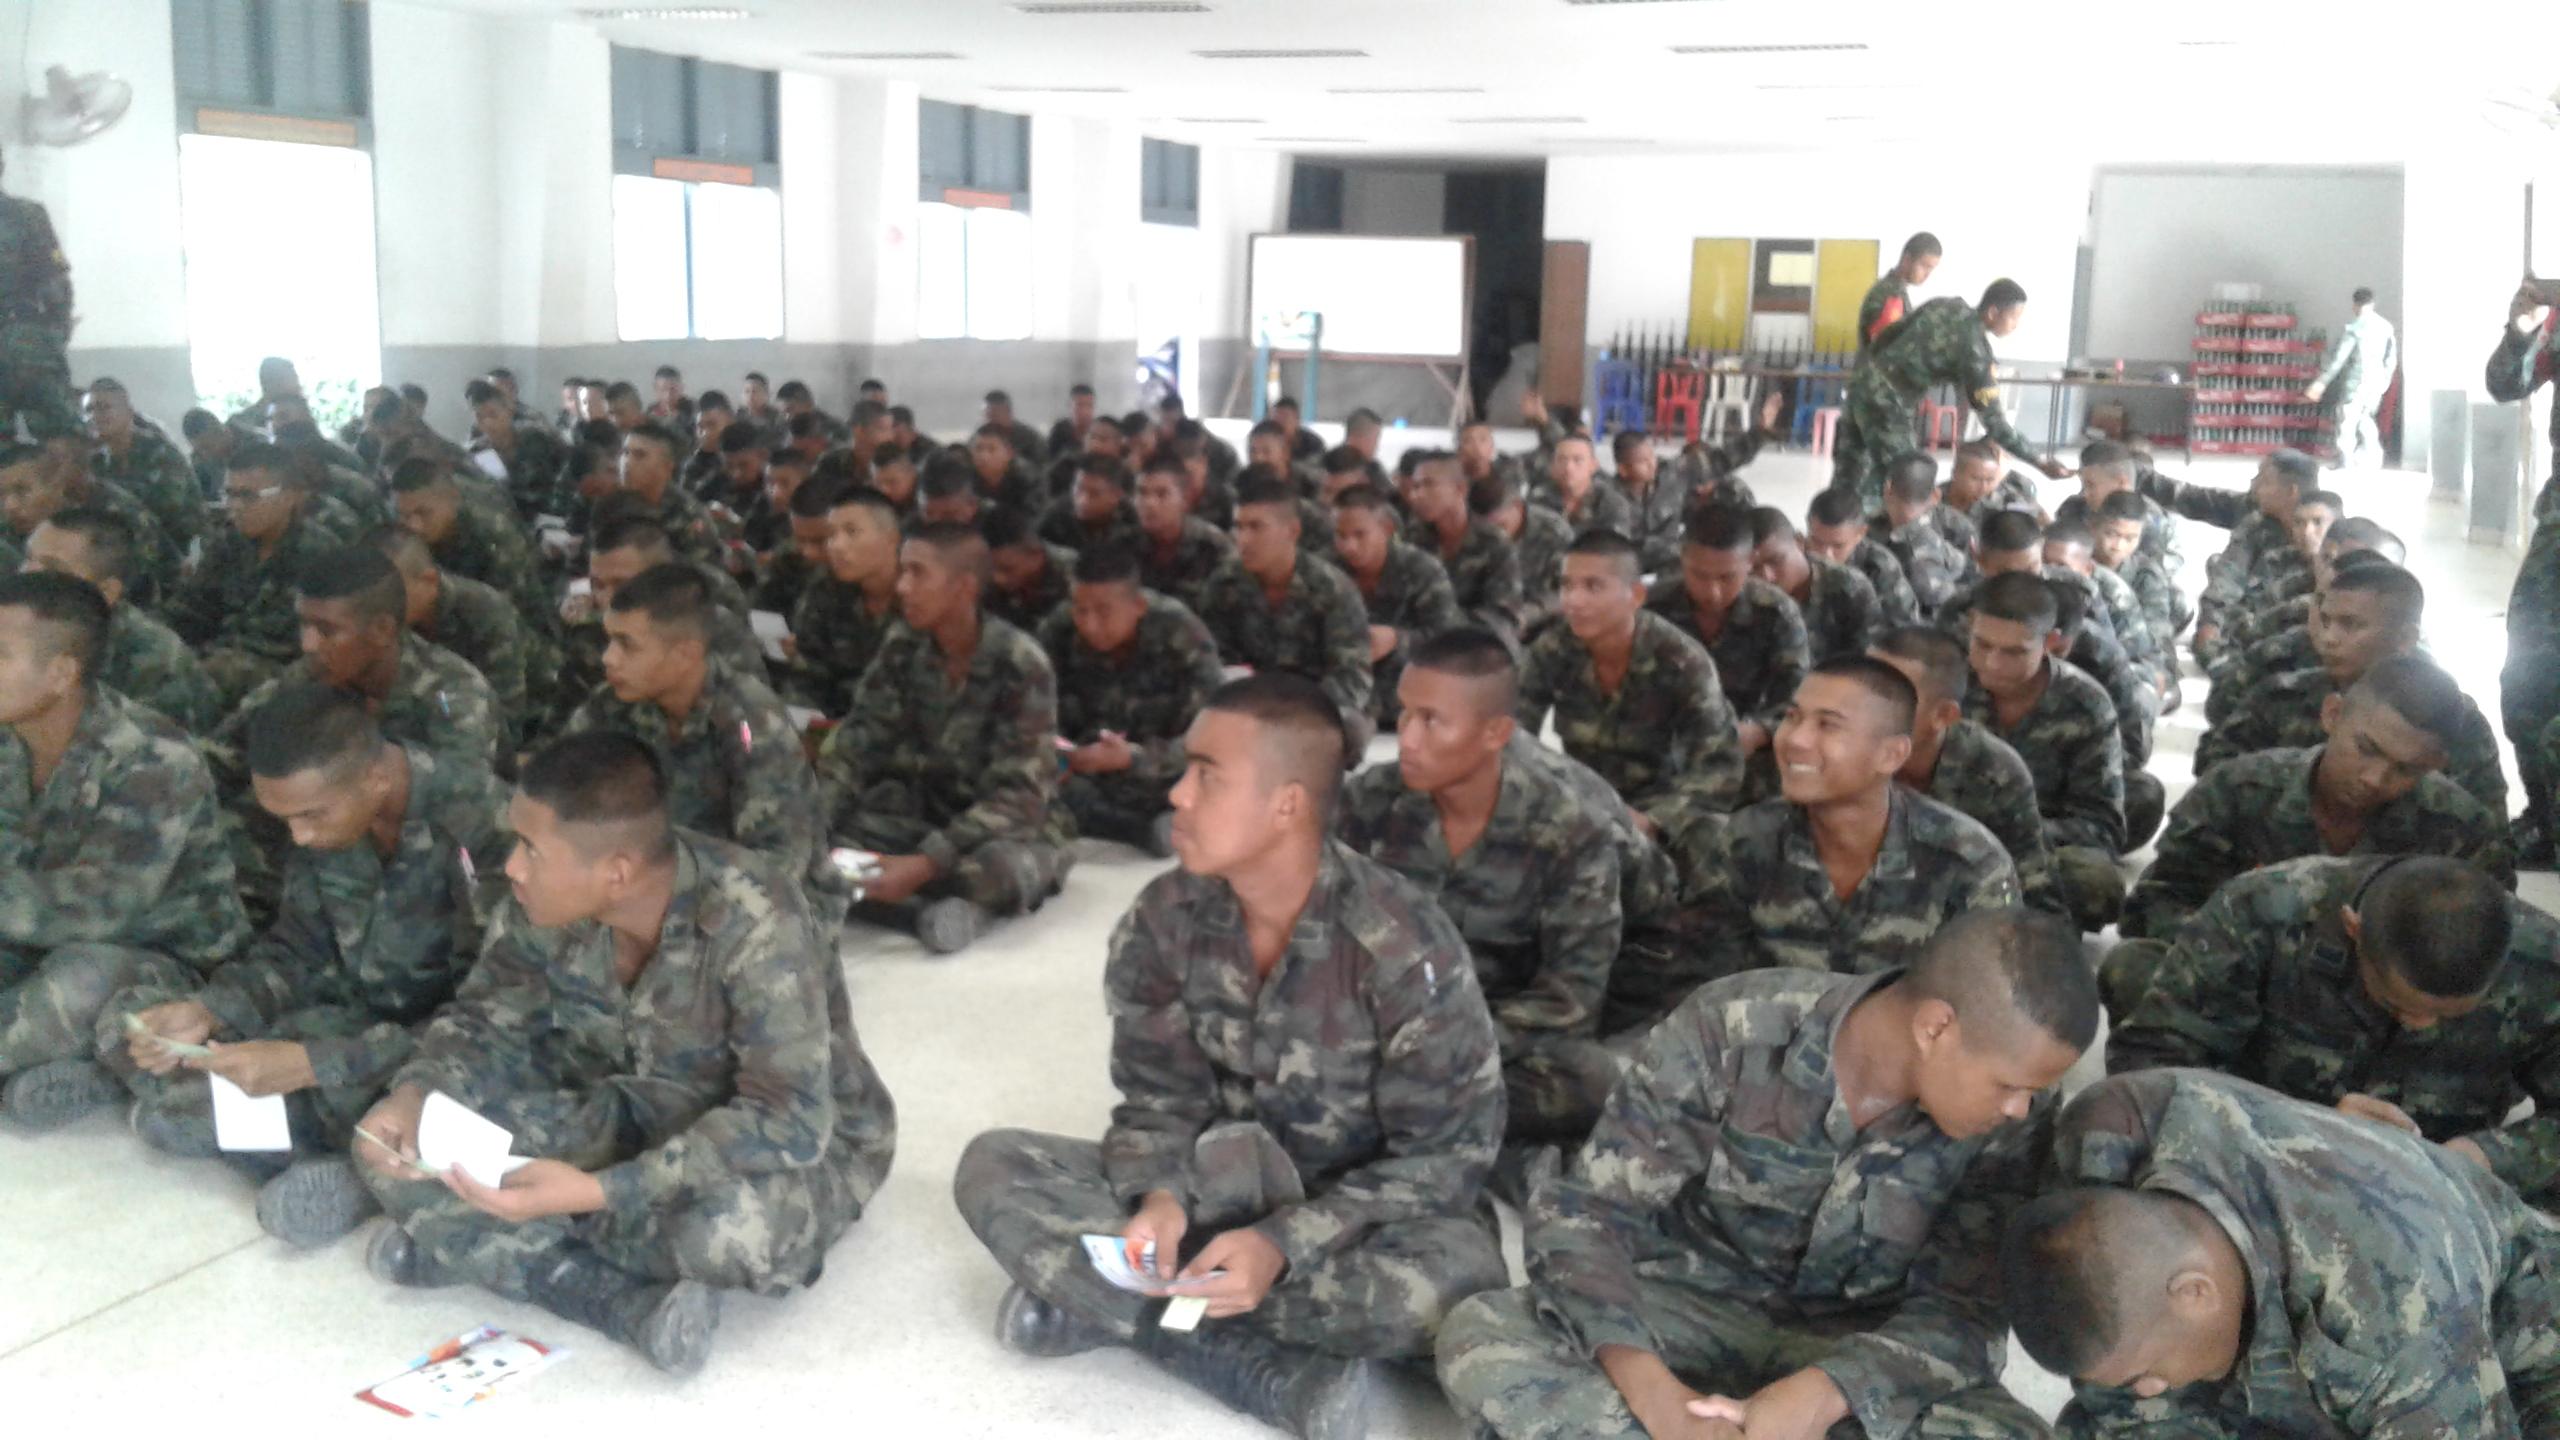 การดำเนินงานตามข้อตกลงความร่วมมือส่งเสริมการมีงานทำให้ทหารกองประจำการ